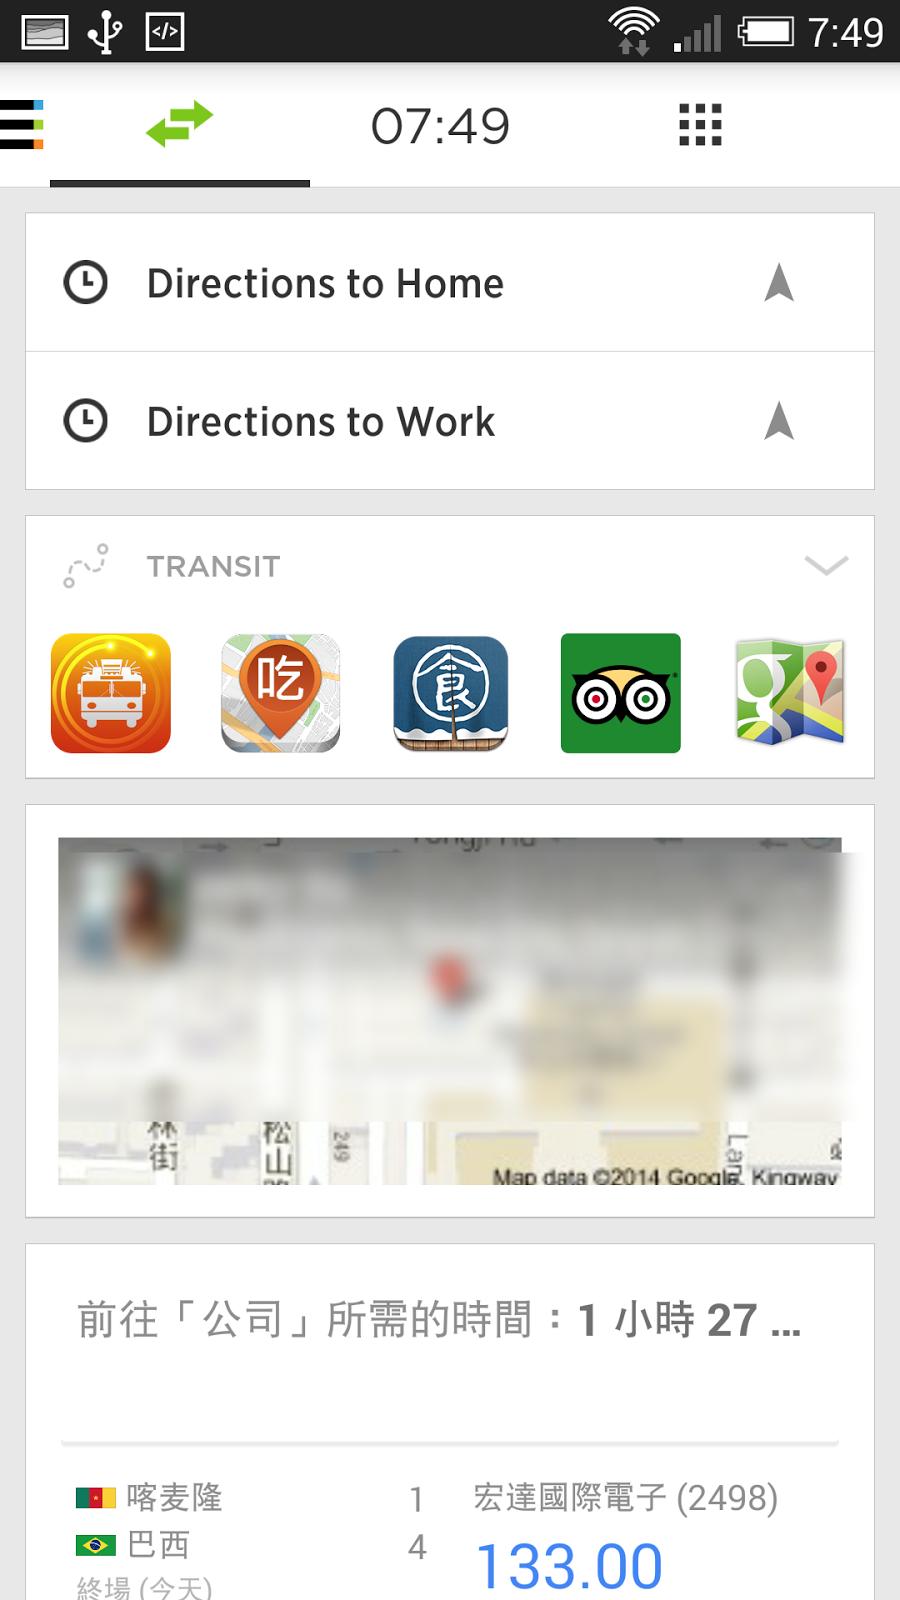 改變行動工作!電腦玩物 2014 最佳 Android App 推薦 Yahoo+Aviate+%25E6%25A1%258C%25E9%259D%25A2-10